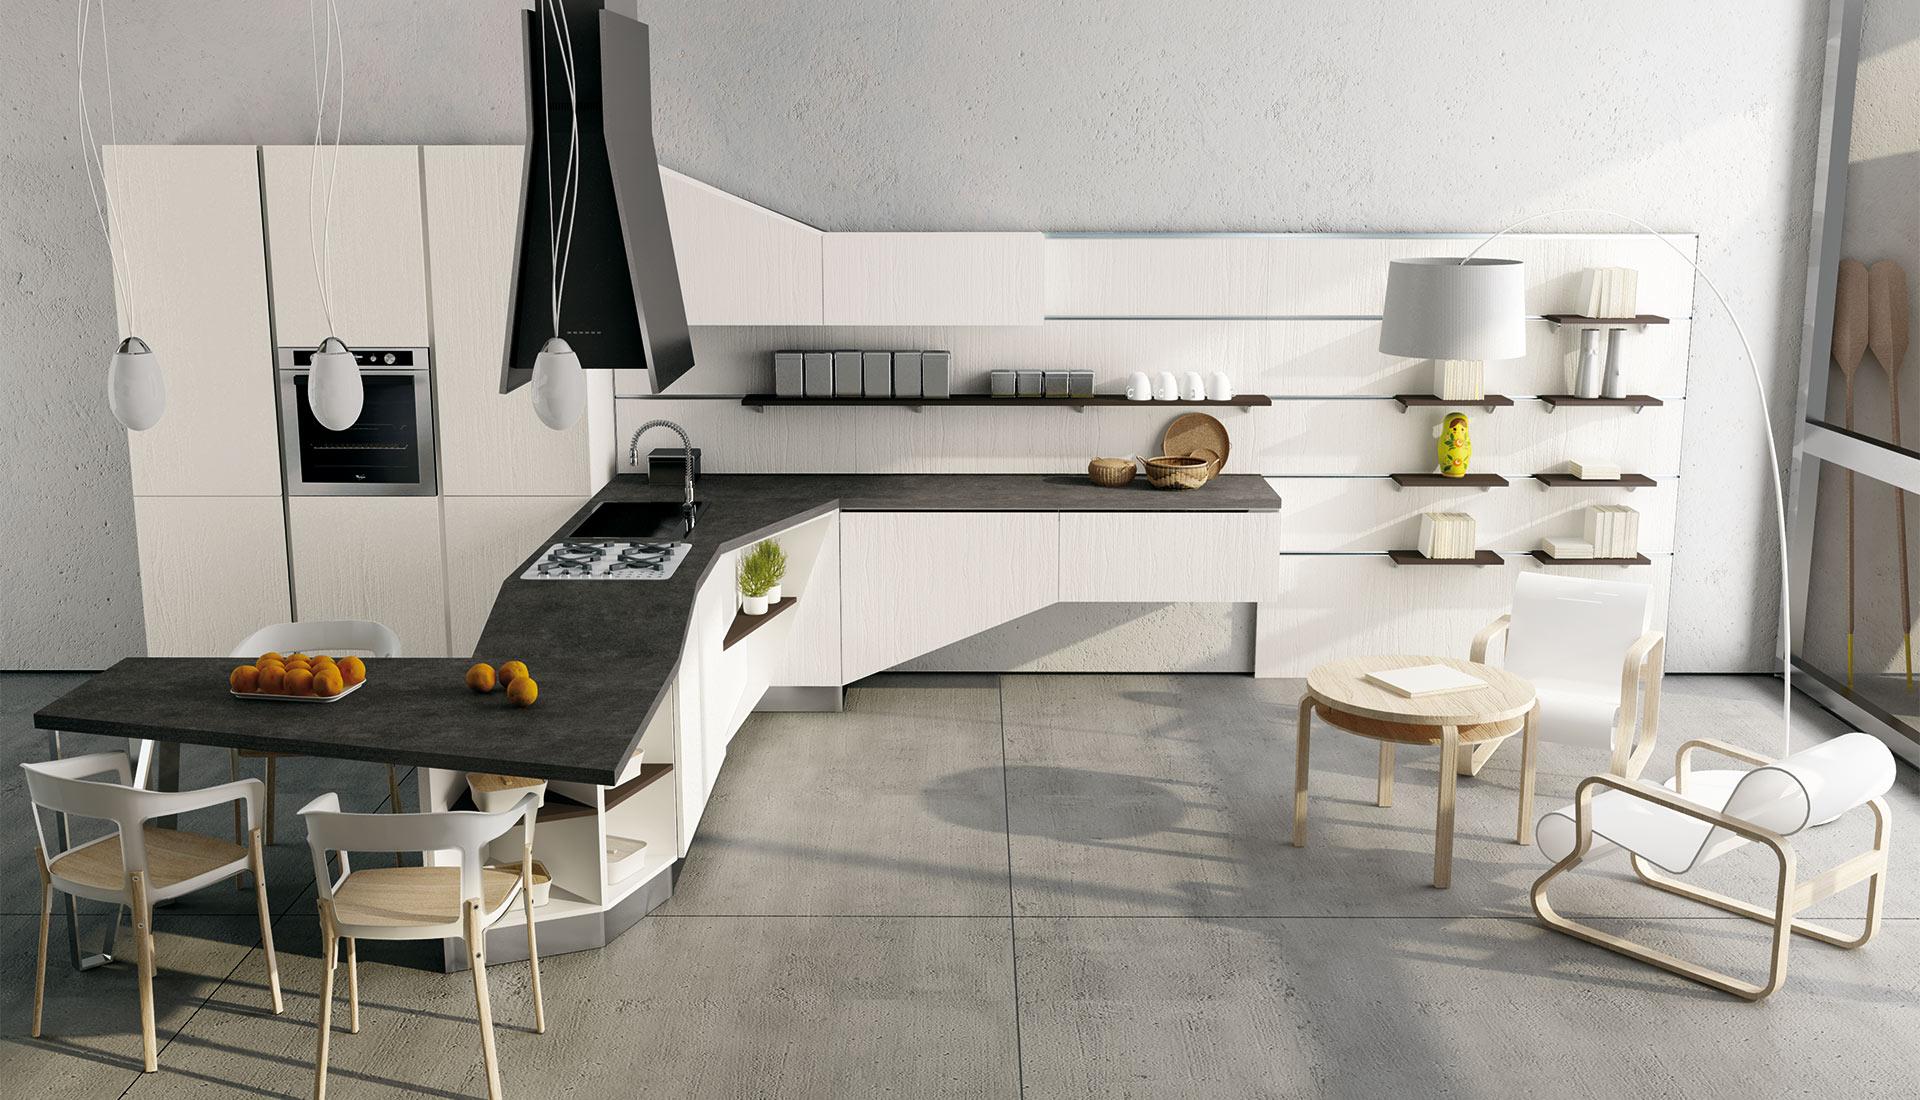 Beautiful Cucine Belle Moderne Photos - Ideas & Design 2017 ...